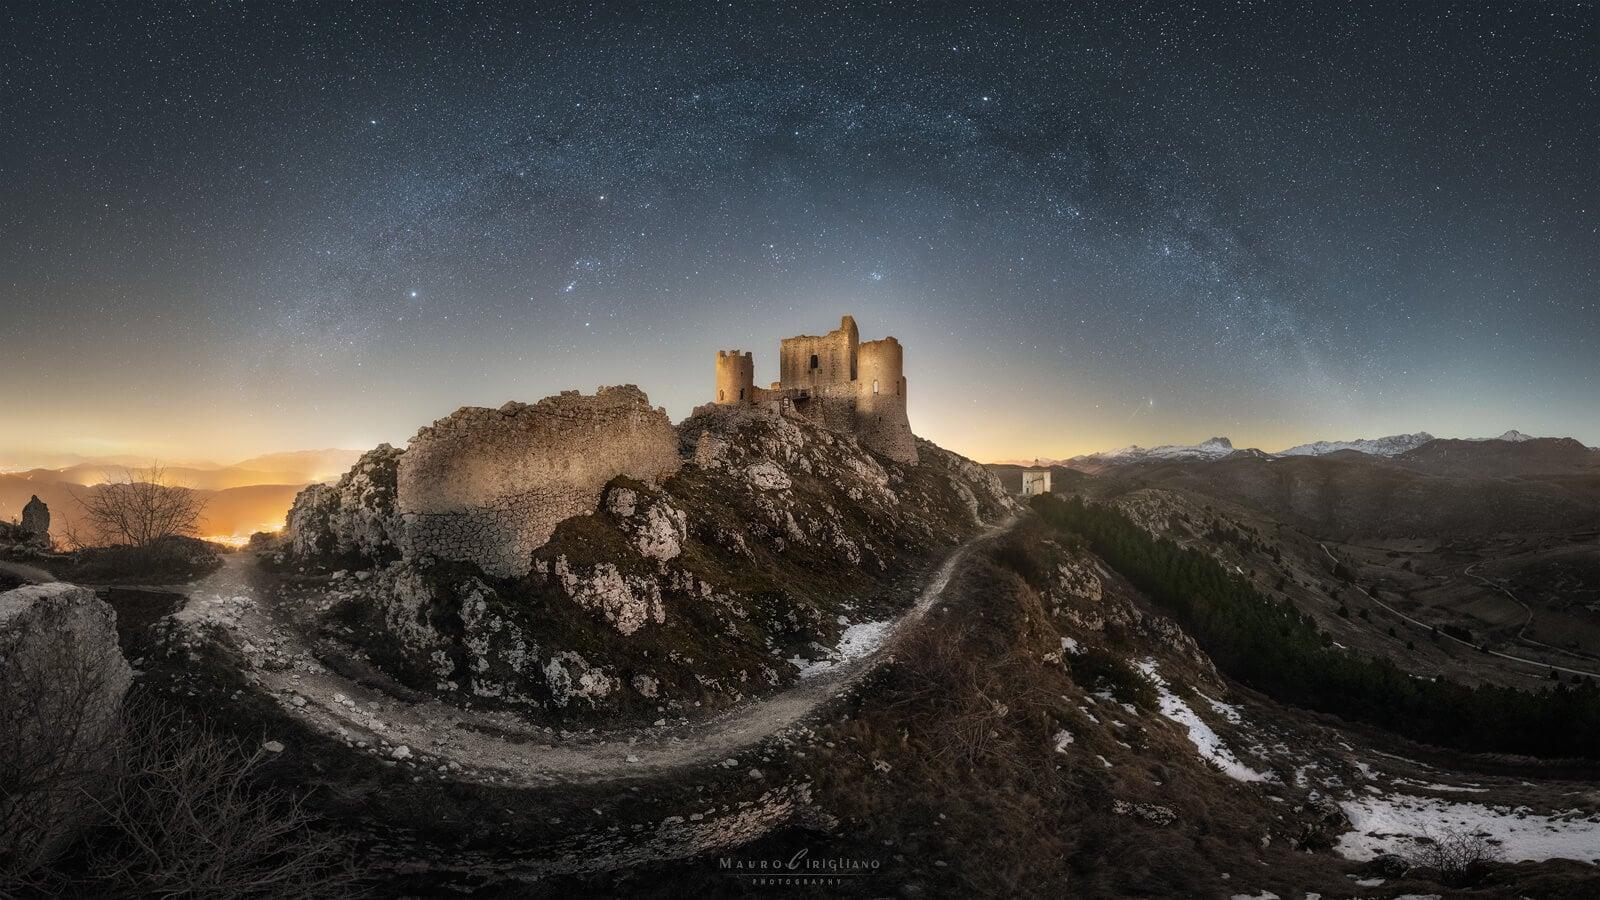 castello di rocca calascio con arco della via lattea